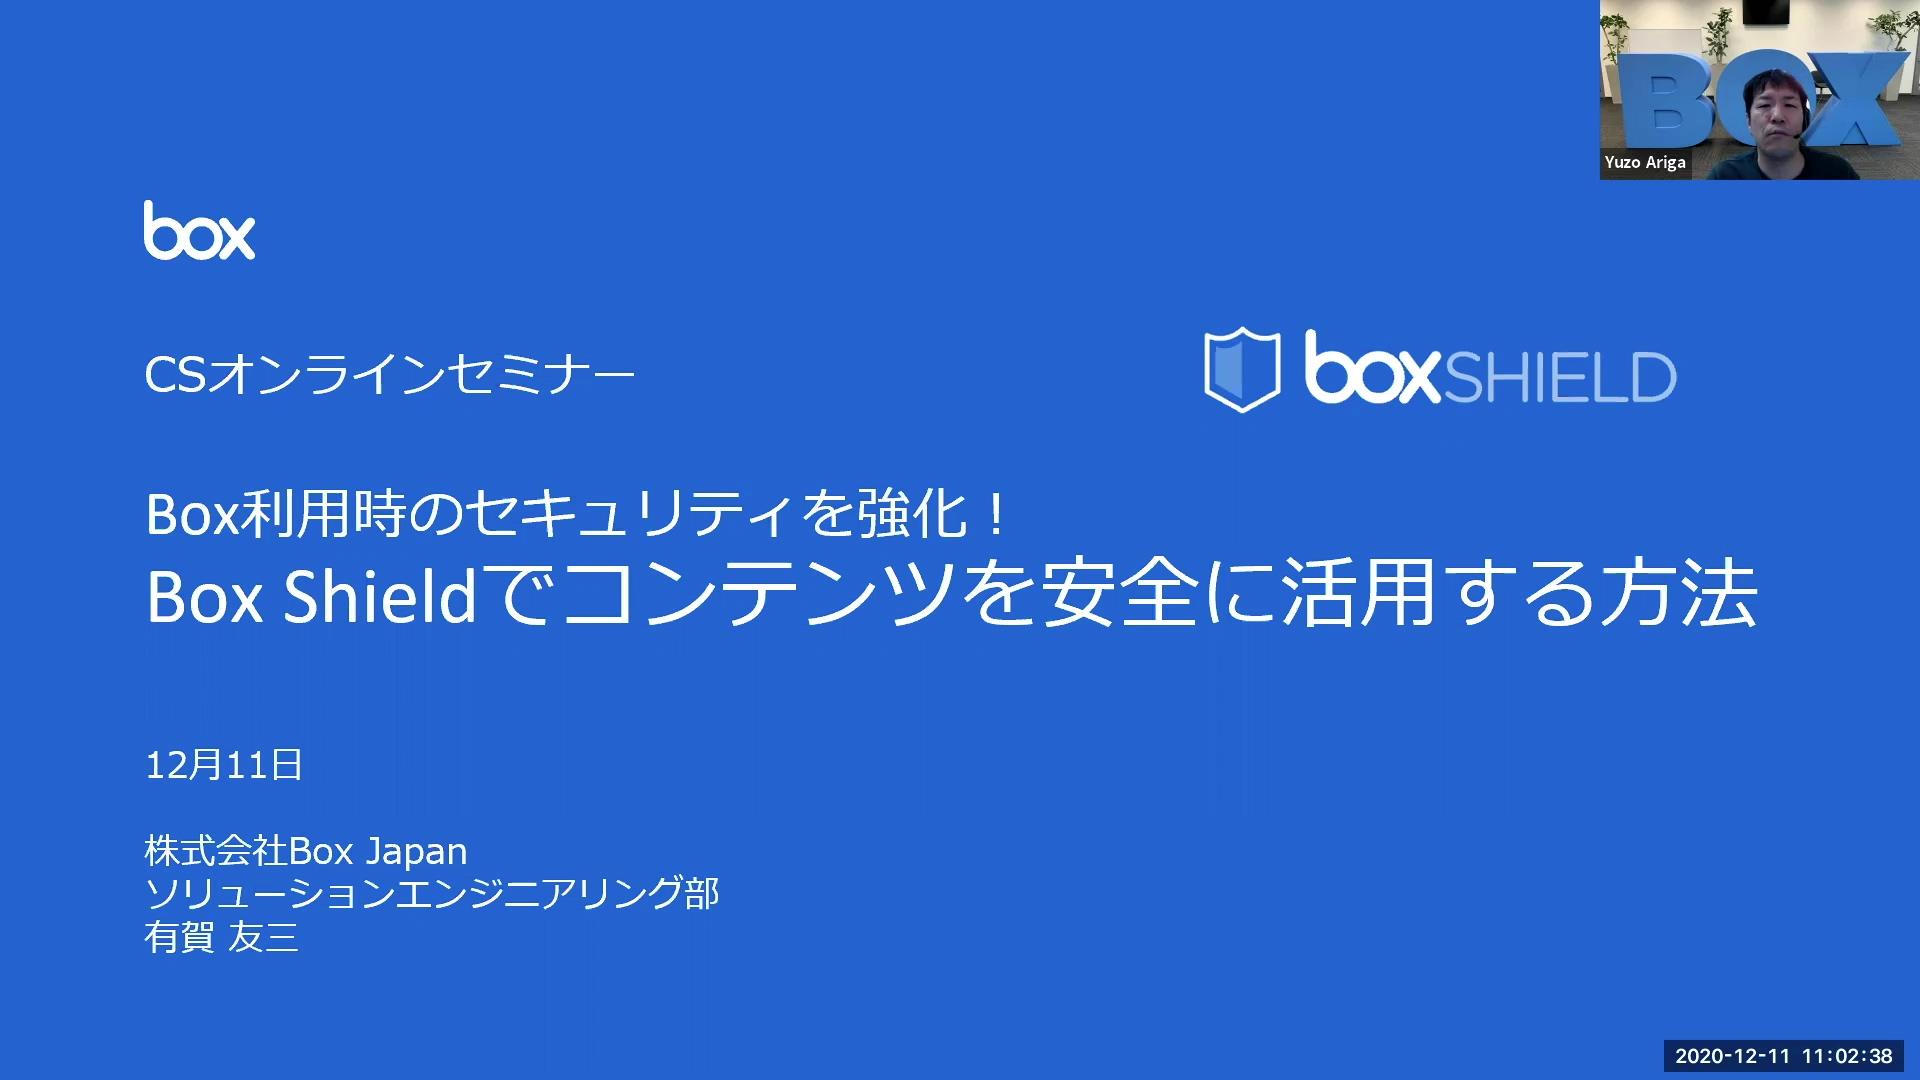 Box Shieldでコンテンツを安全に活用する方法(2021.2.11)